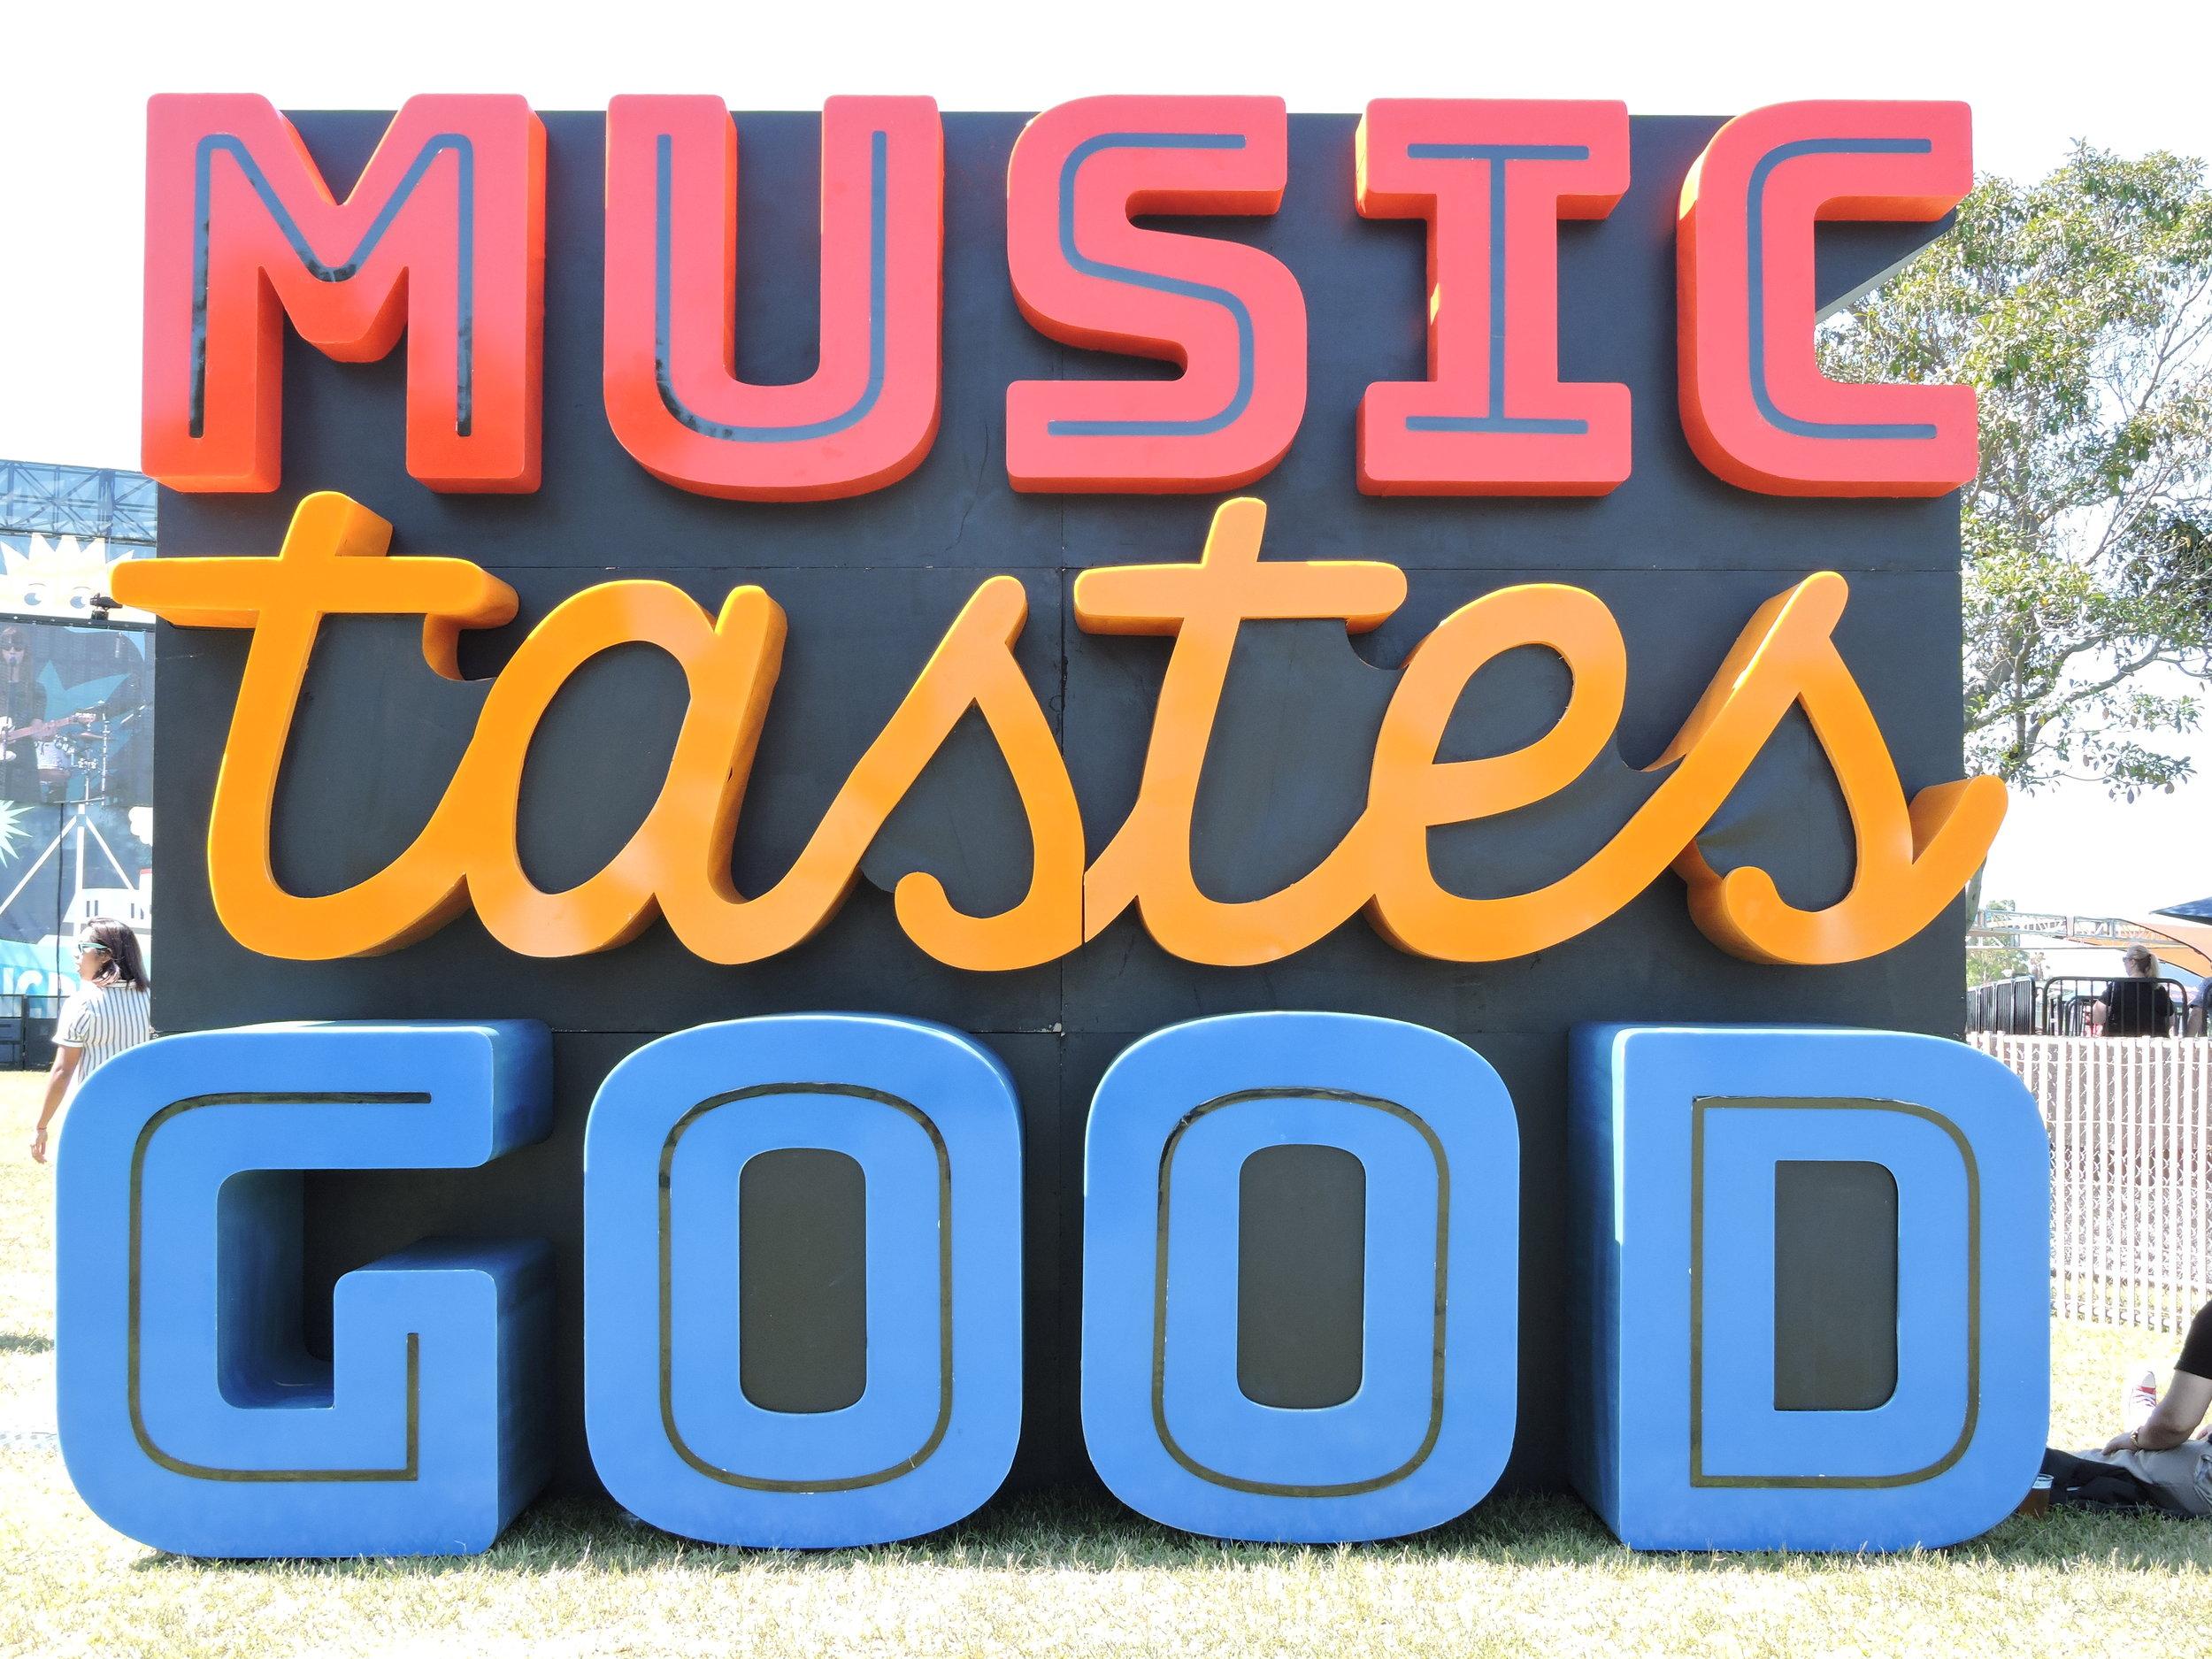 Music Tastes Good 2017 - October 7, 2017